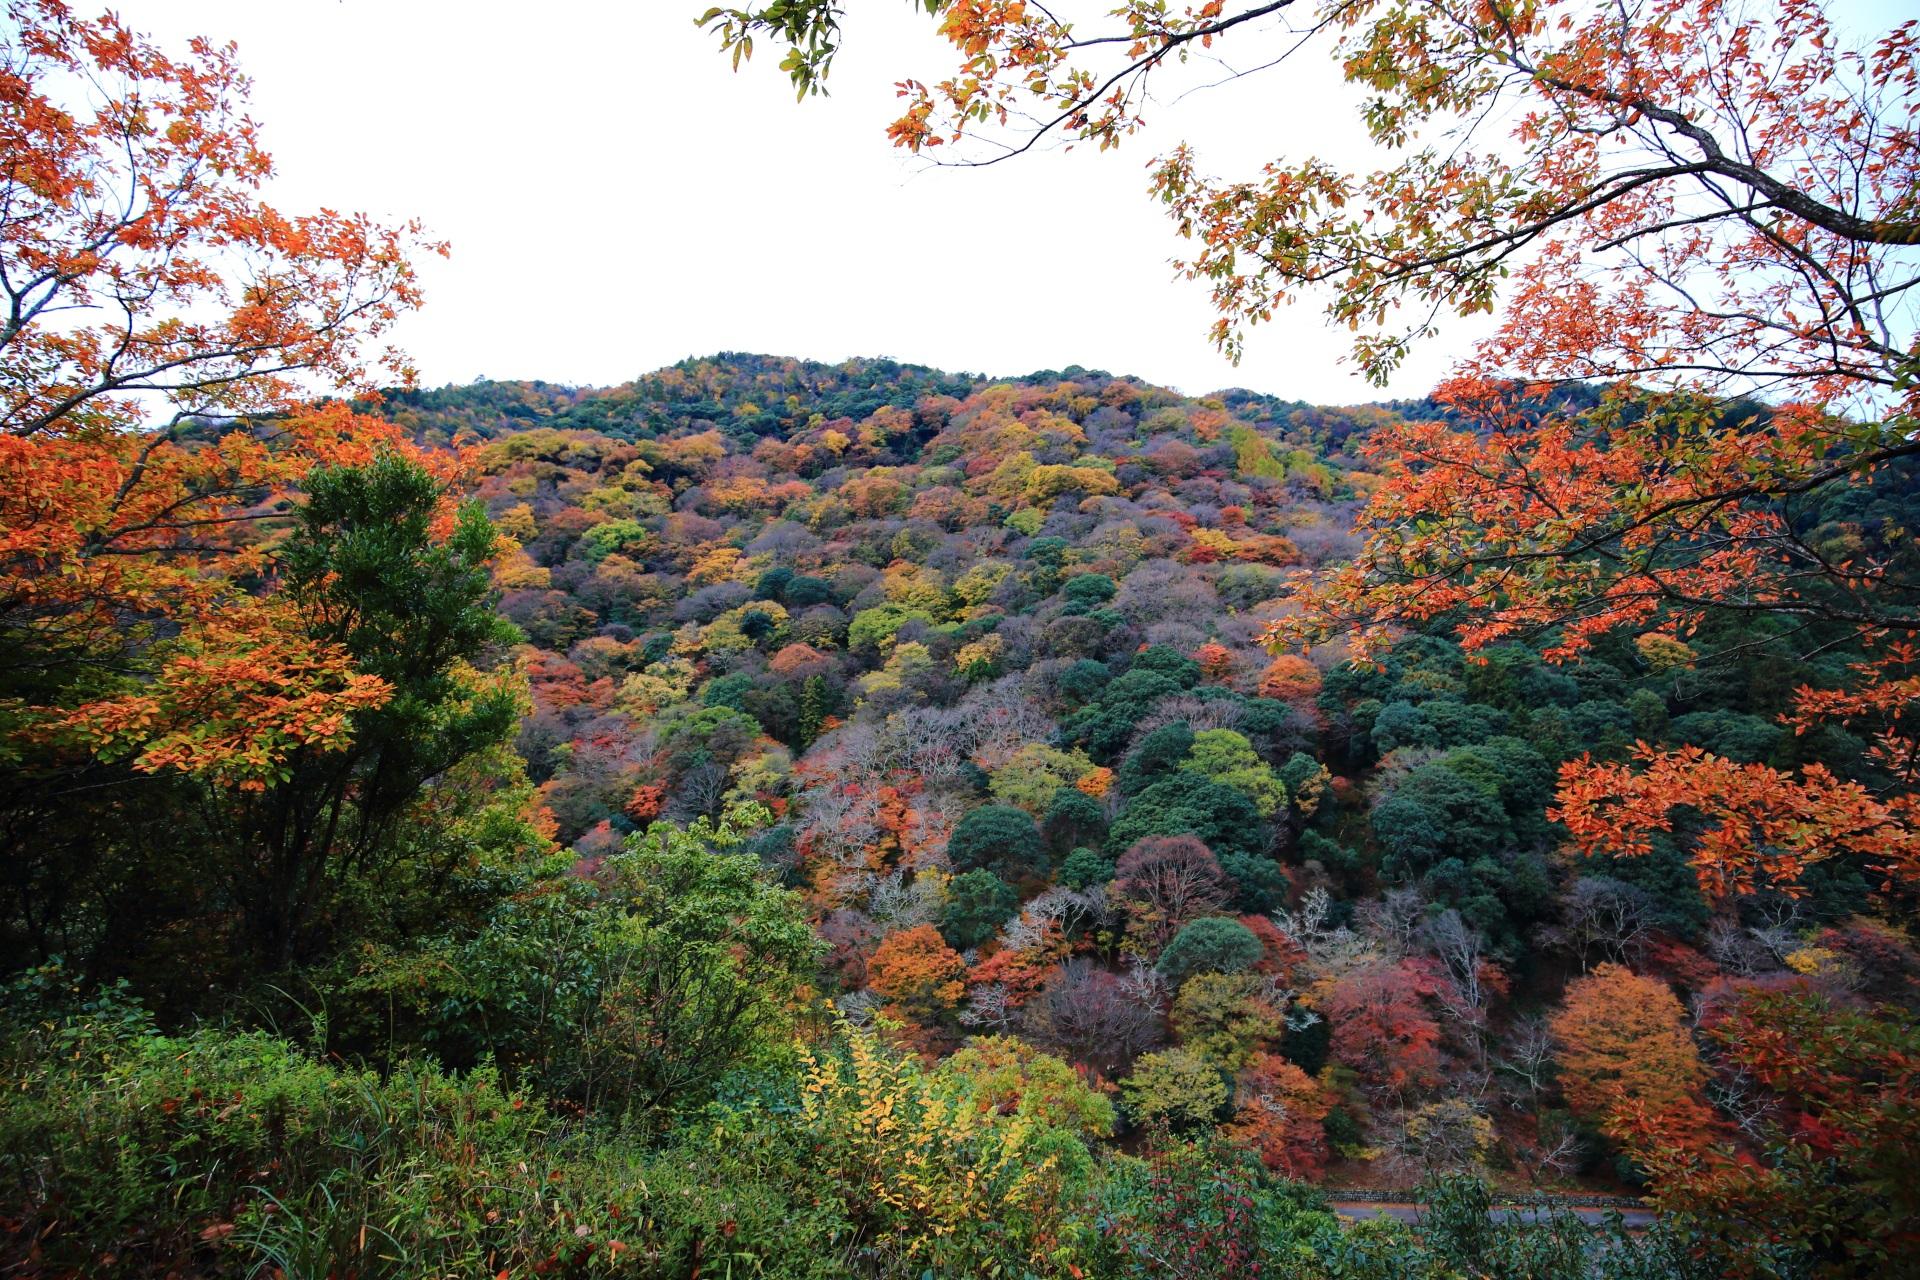 秋色の嵐山を彩る華やかな紅葉